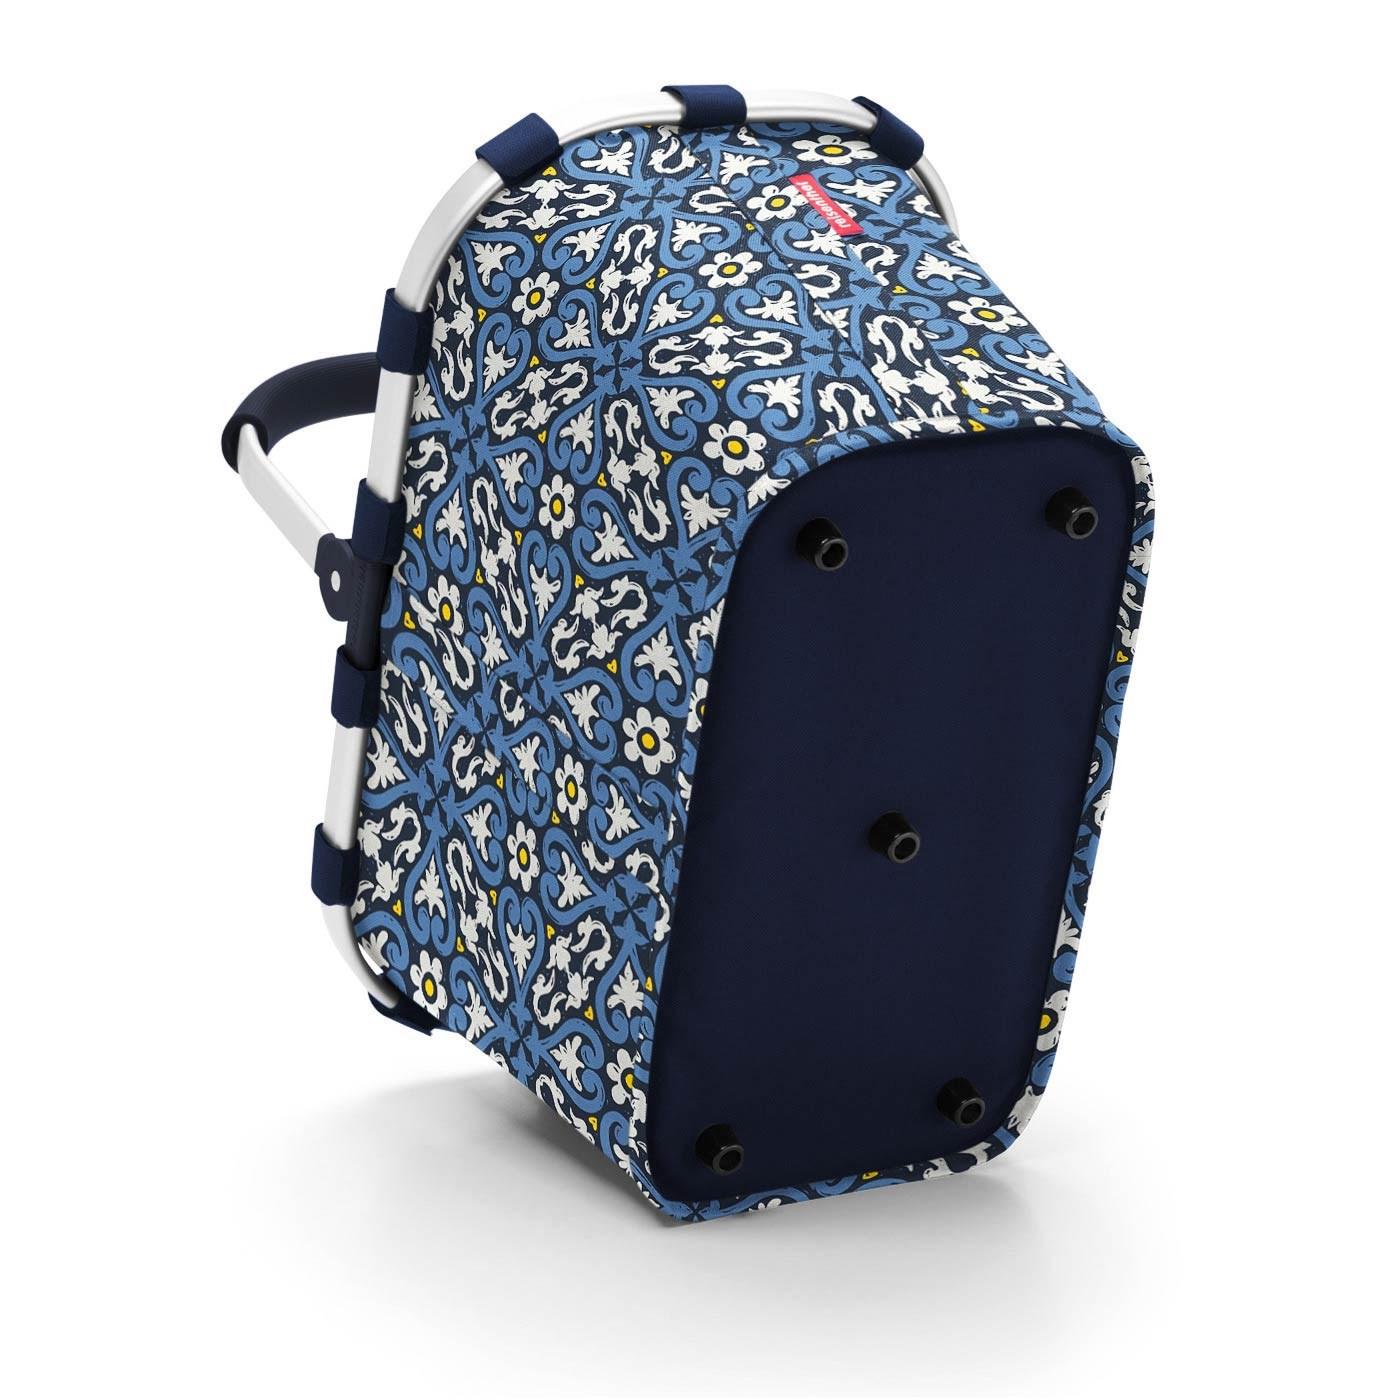 Nákupní košík Carrybag floral 1_3